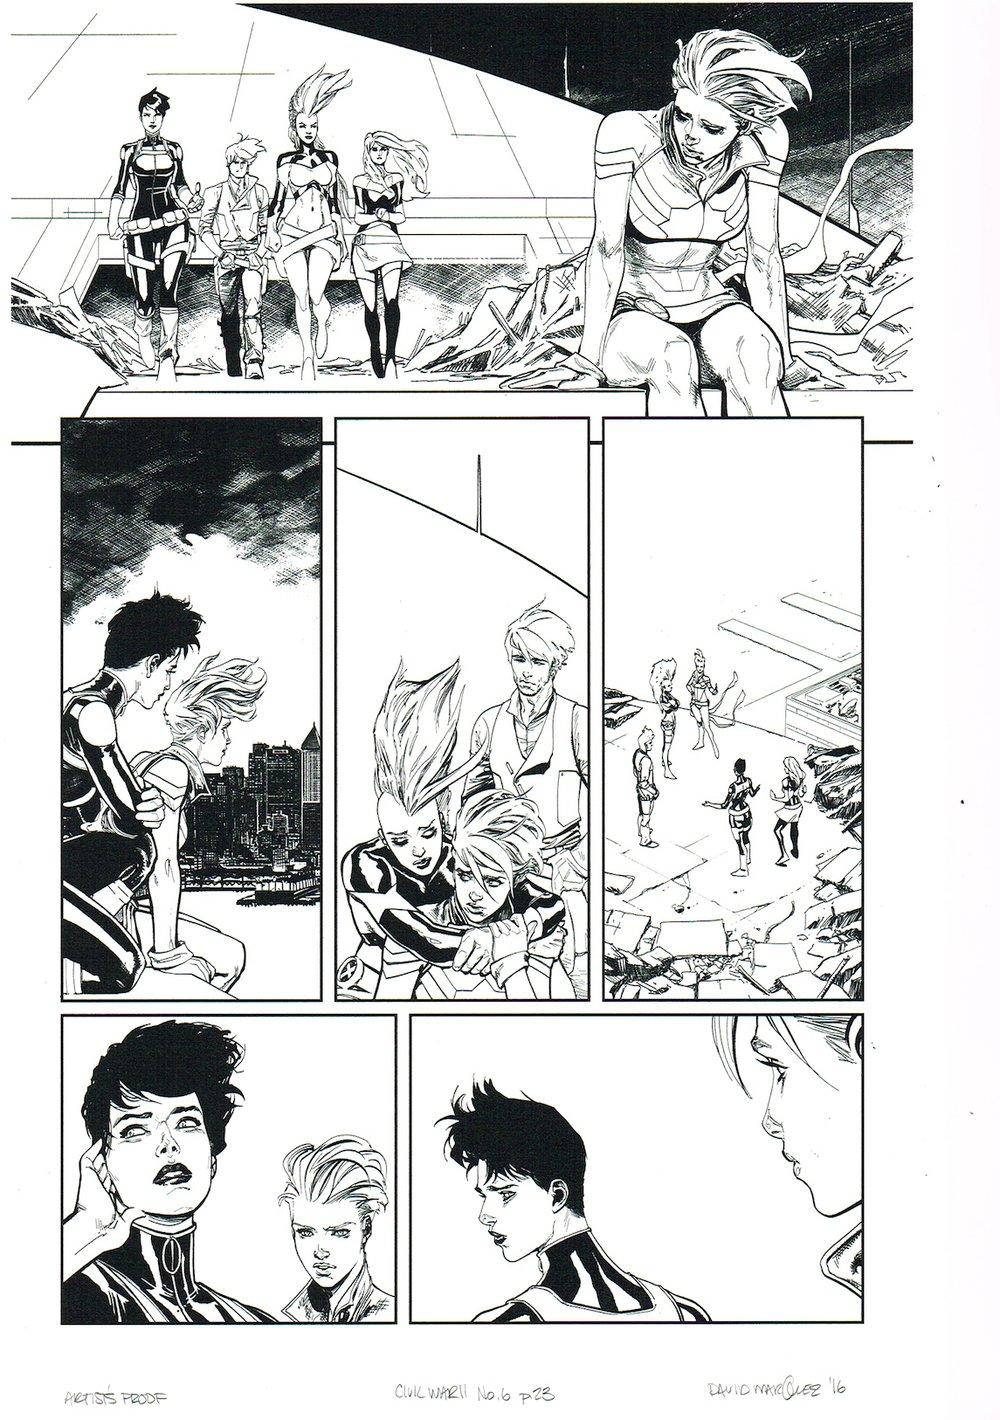 Image of CIVIL WAR II #6, p.23 ARTIST'S PROOF